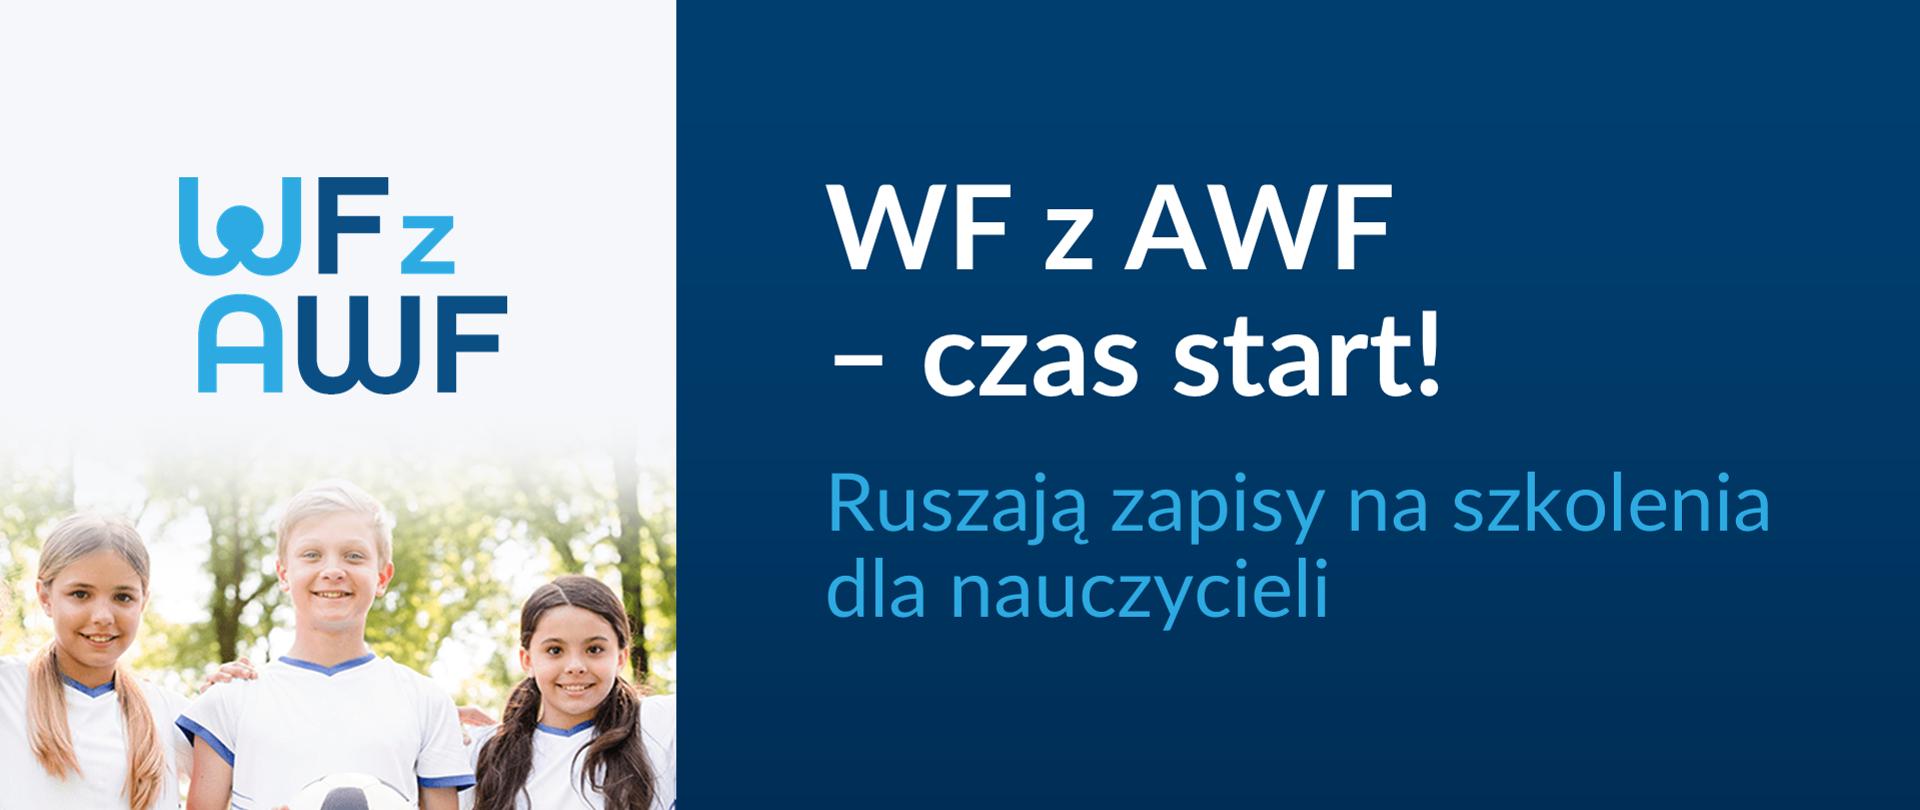 WF Z AWF